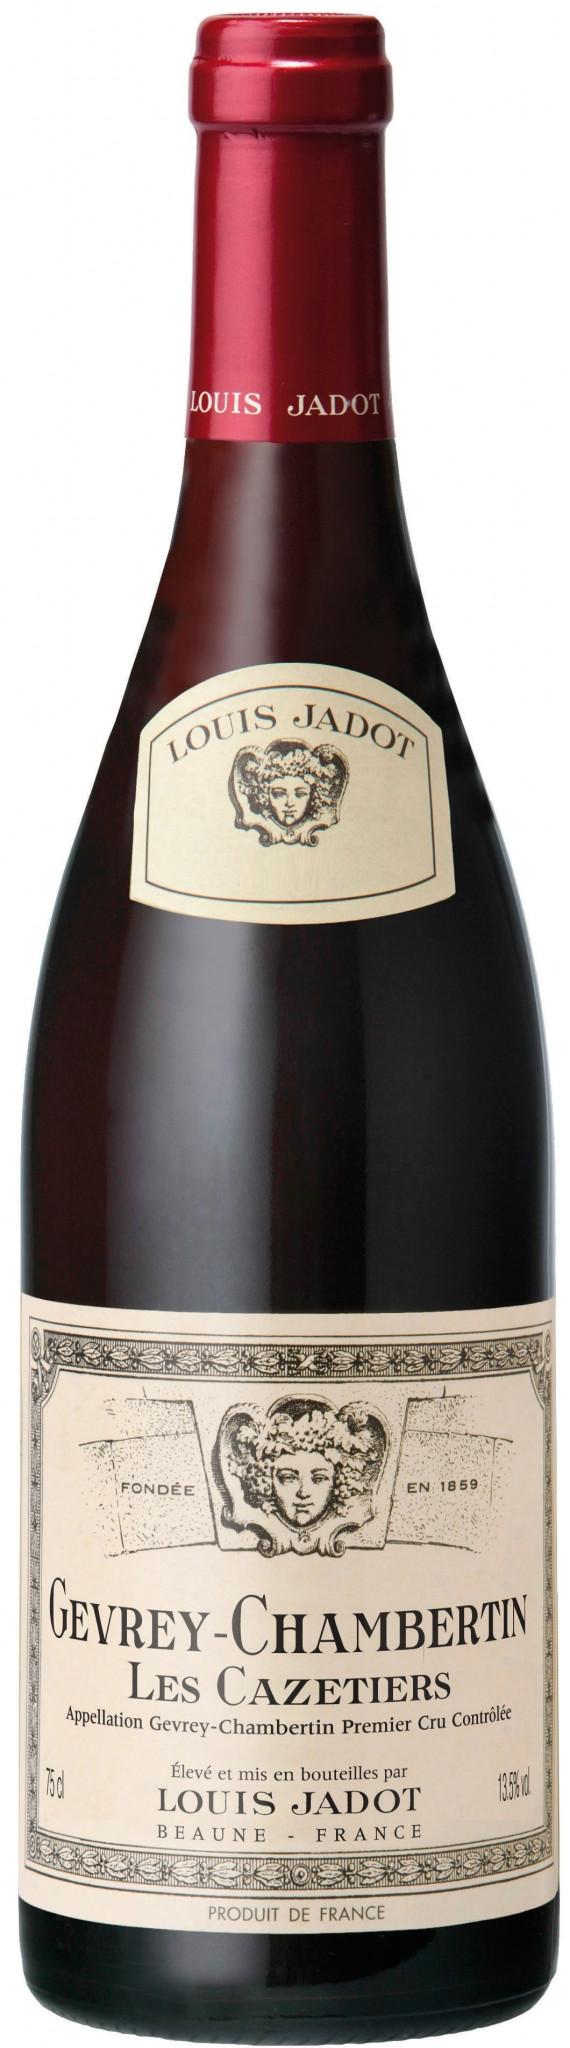 Louis Jadot Gevrey-Chambertin Les Cazetiers Wineaffair